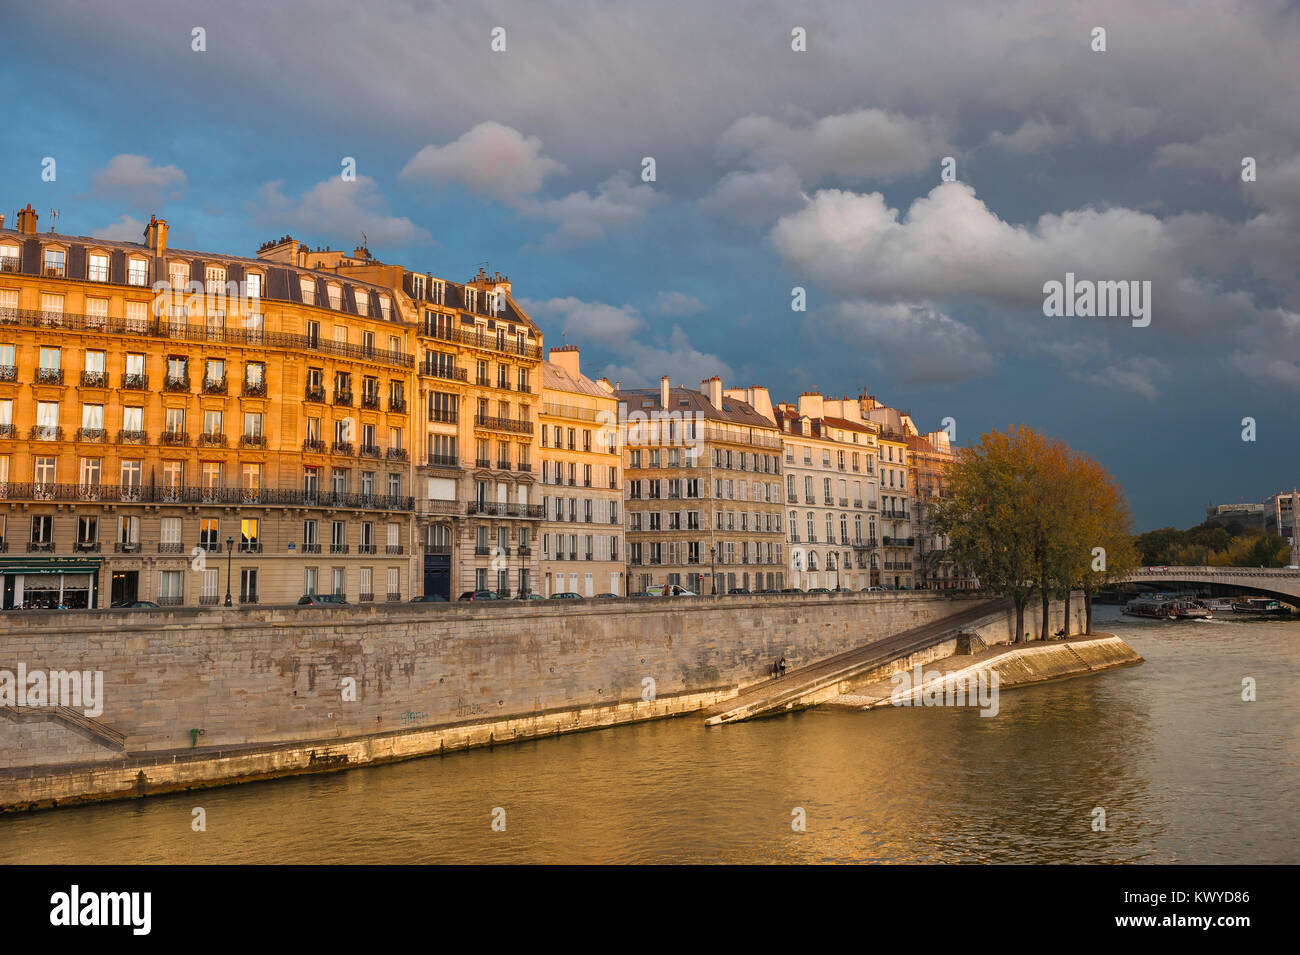 Paris quai Seine, view at sunset across the River Seine of apartments along the Quai d'Orleans on the Ile St - Stock Image